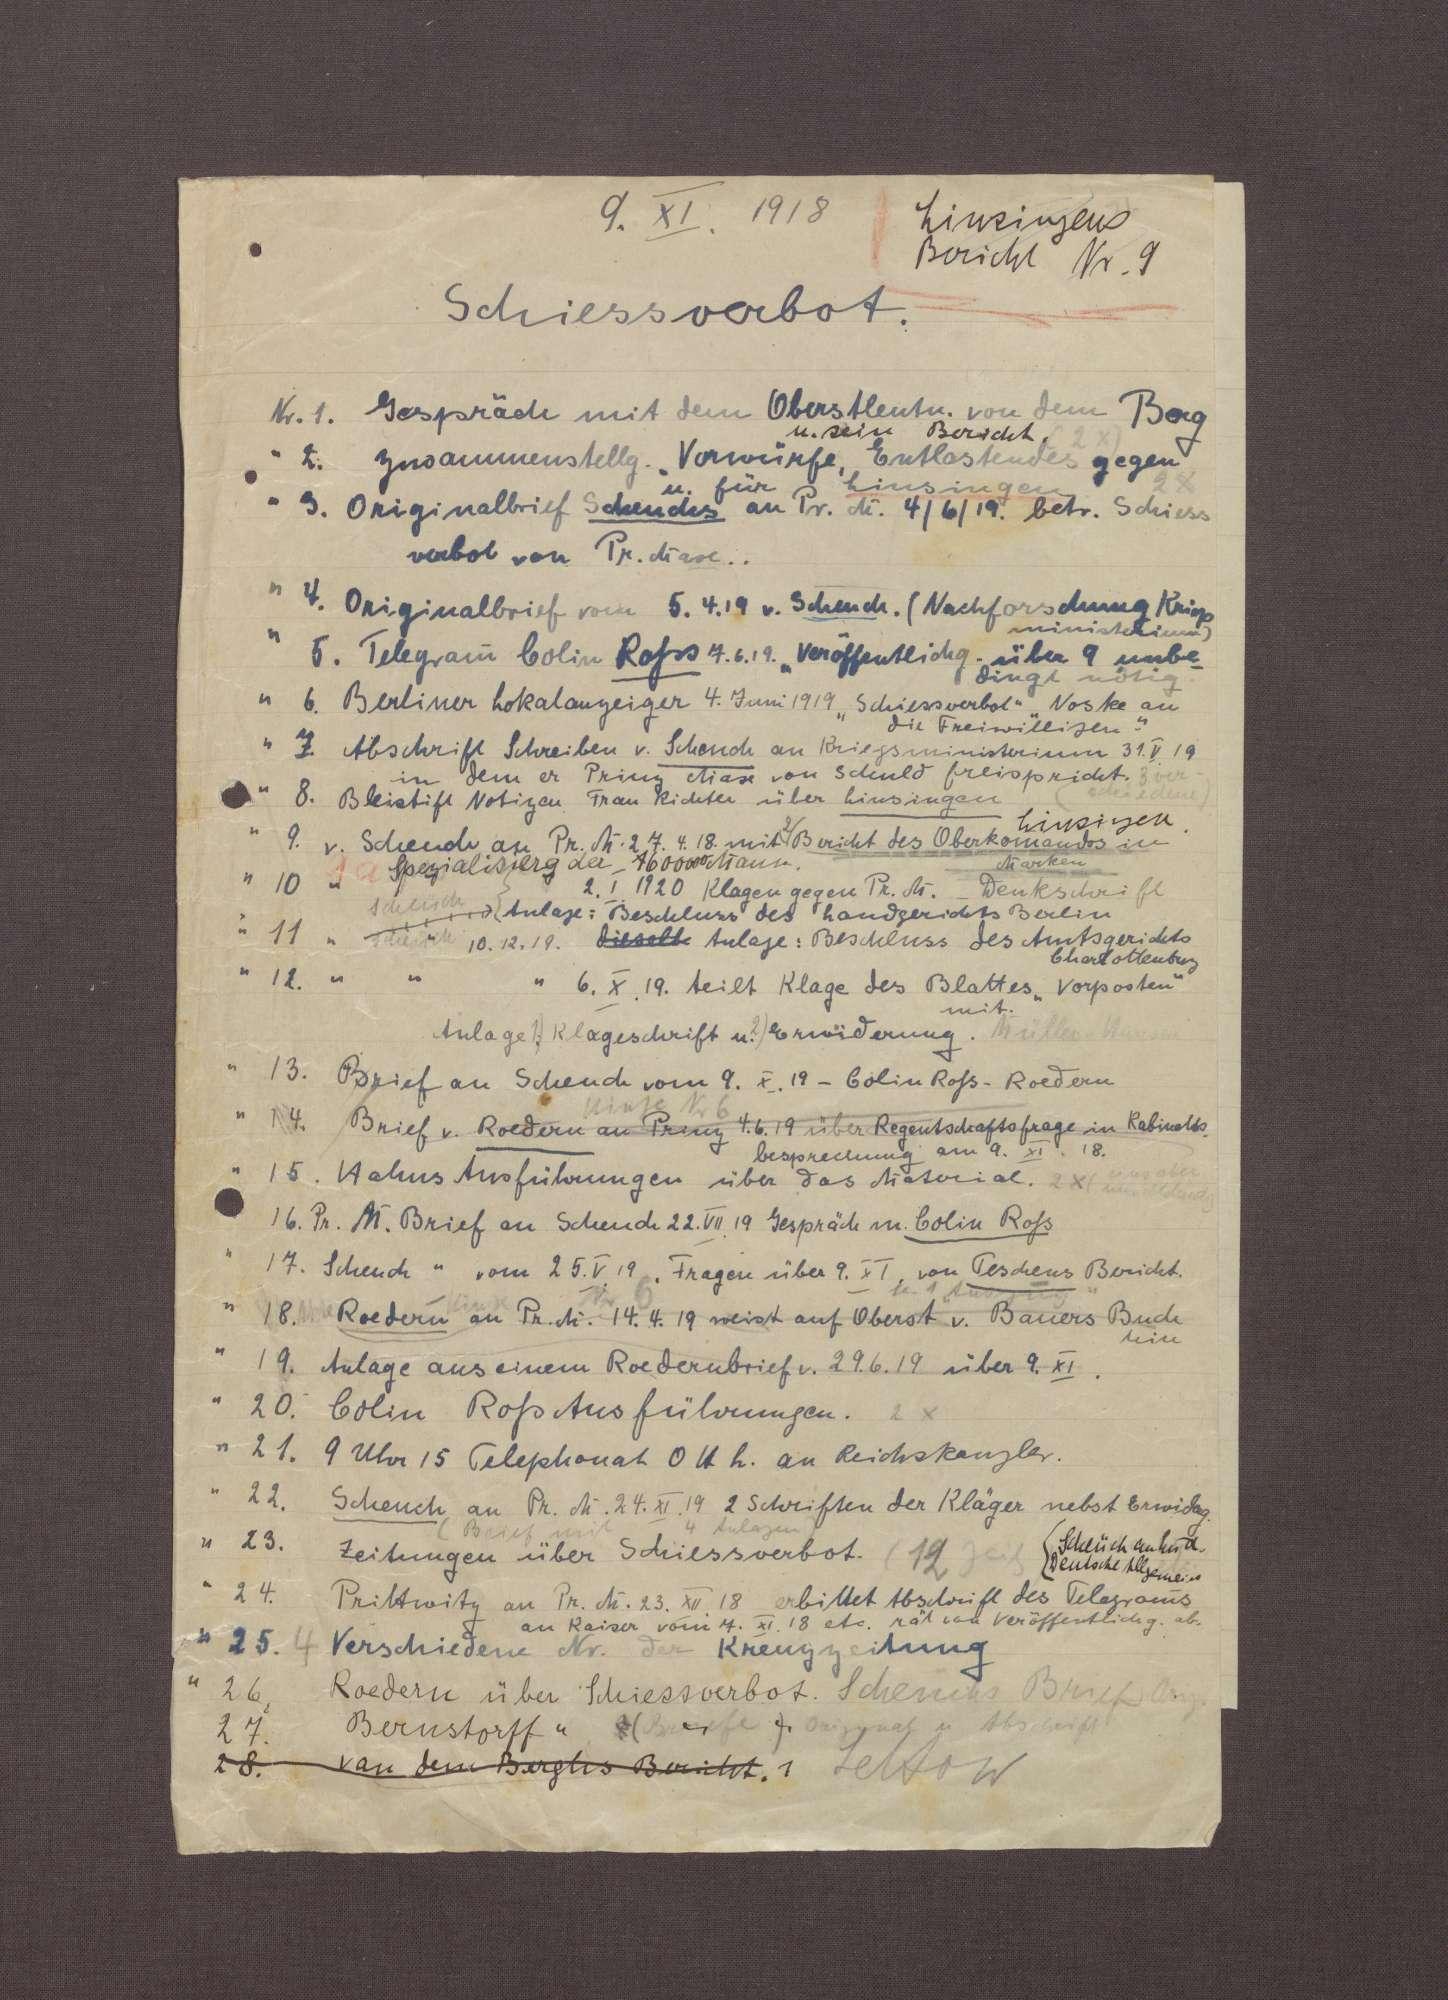 Altes Inhaltsverzeichnisse der Akte, Bild 1